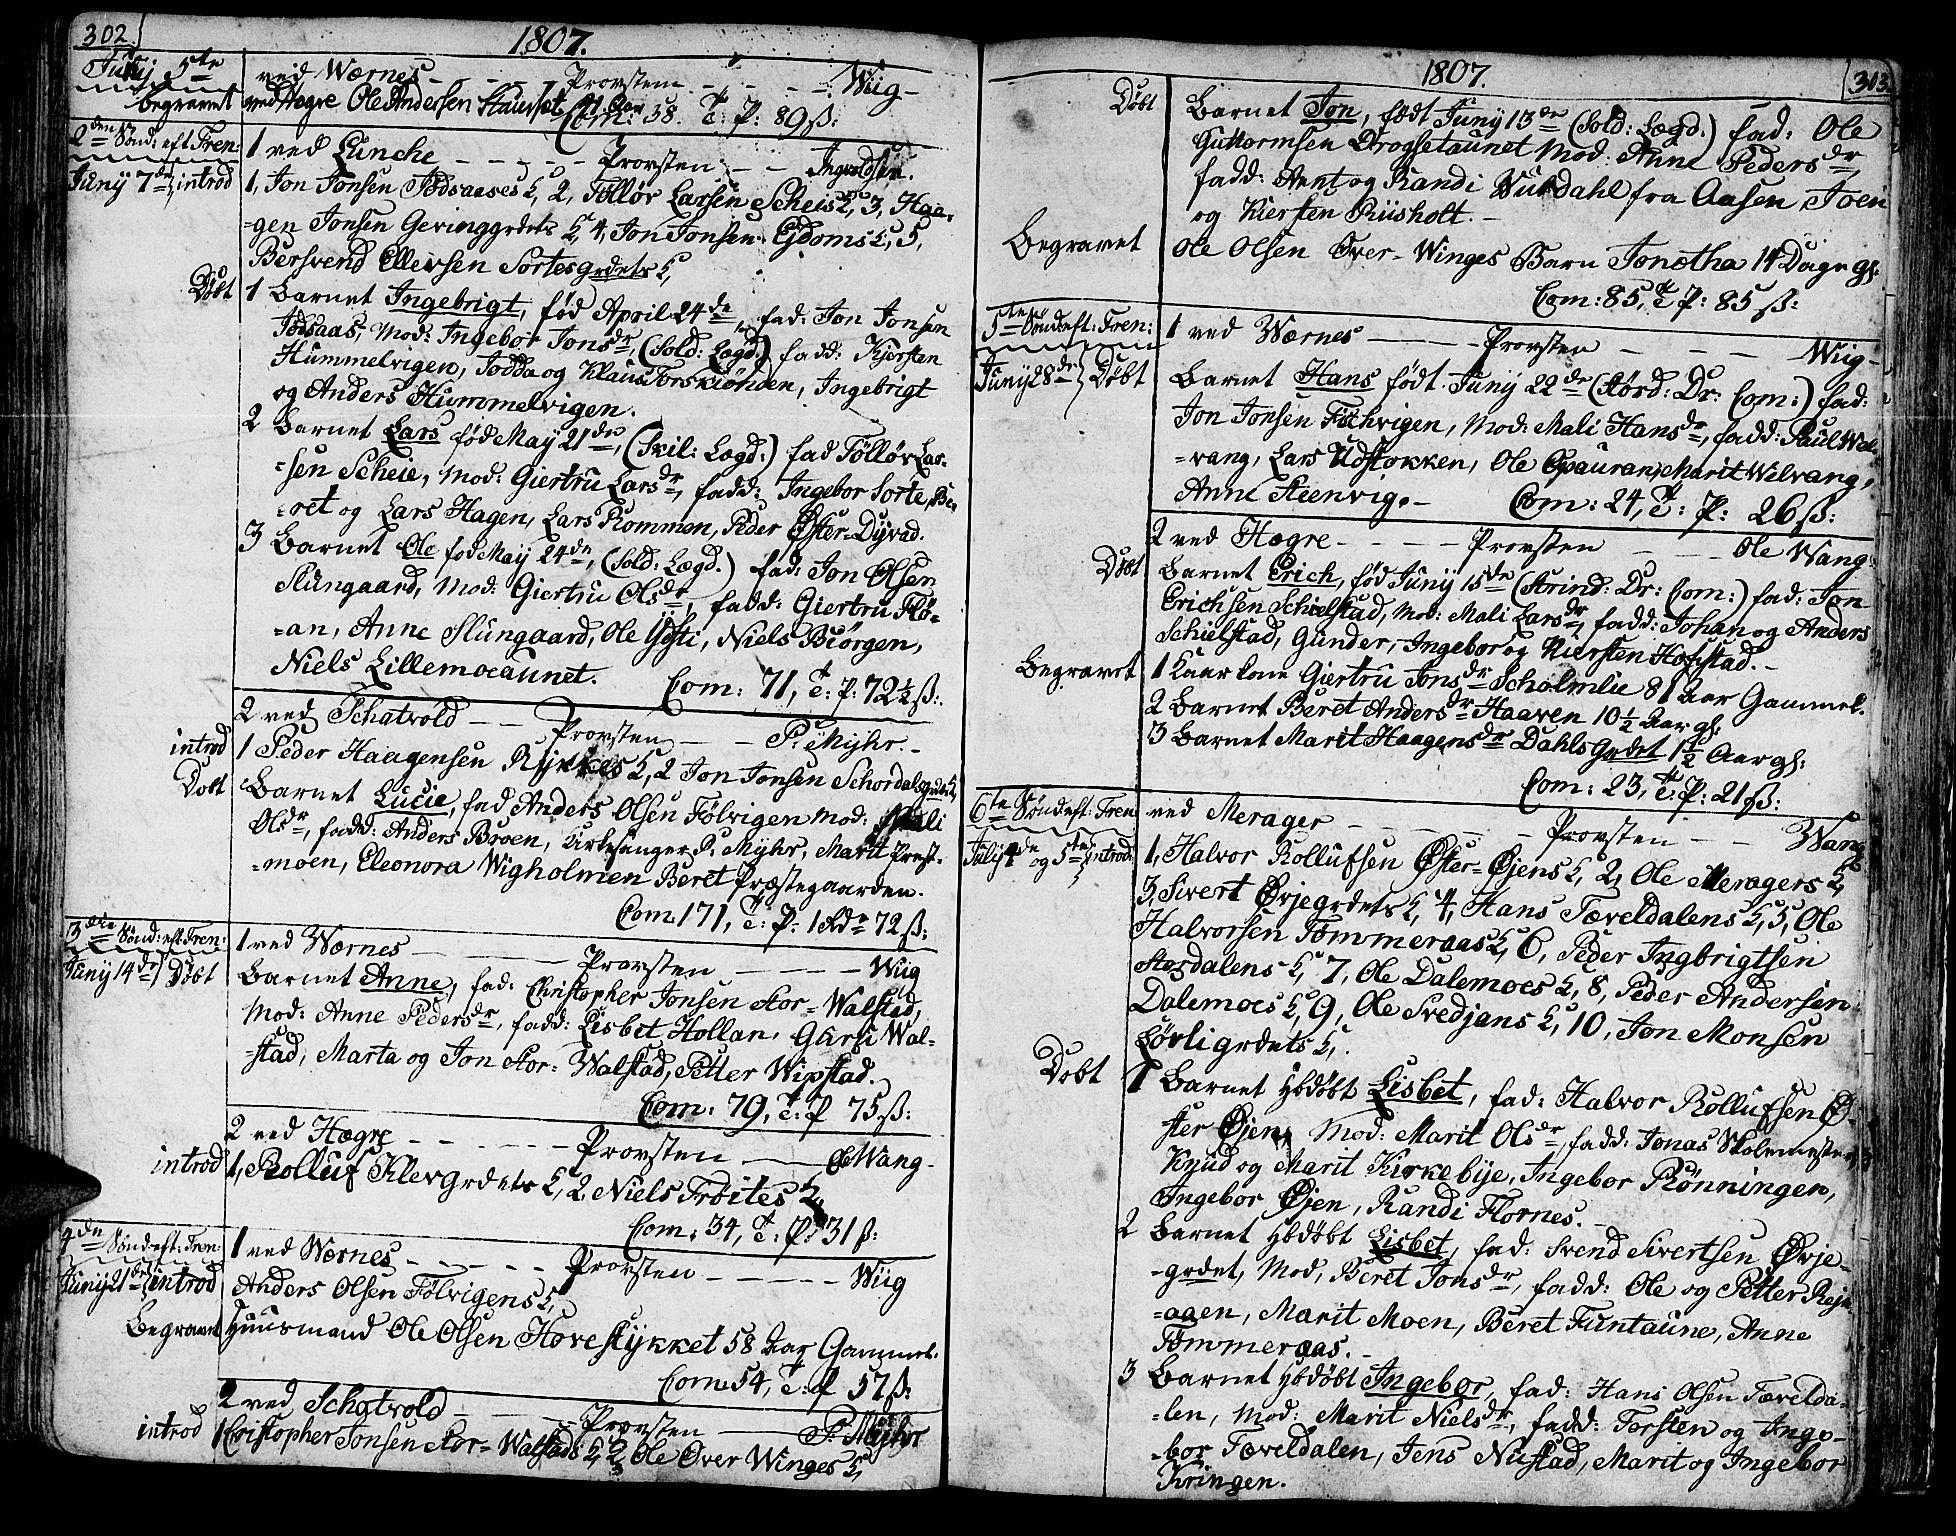 SAT, Ministerialprotokoller, klokkerbøker og fødselsregistre - Nord-Trøndelag, 709/L0060: Ministerialbok nr. 709A07, 1797-1815, s. 302-303